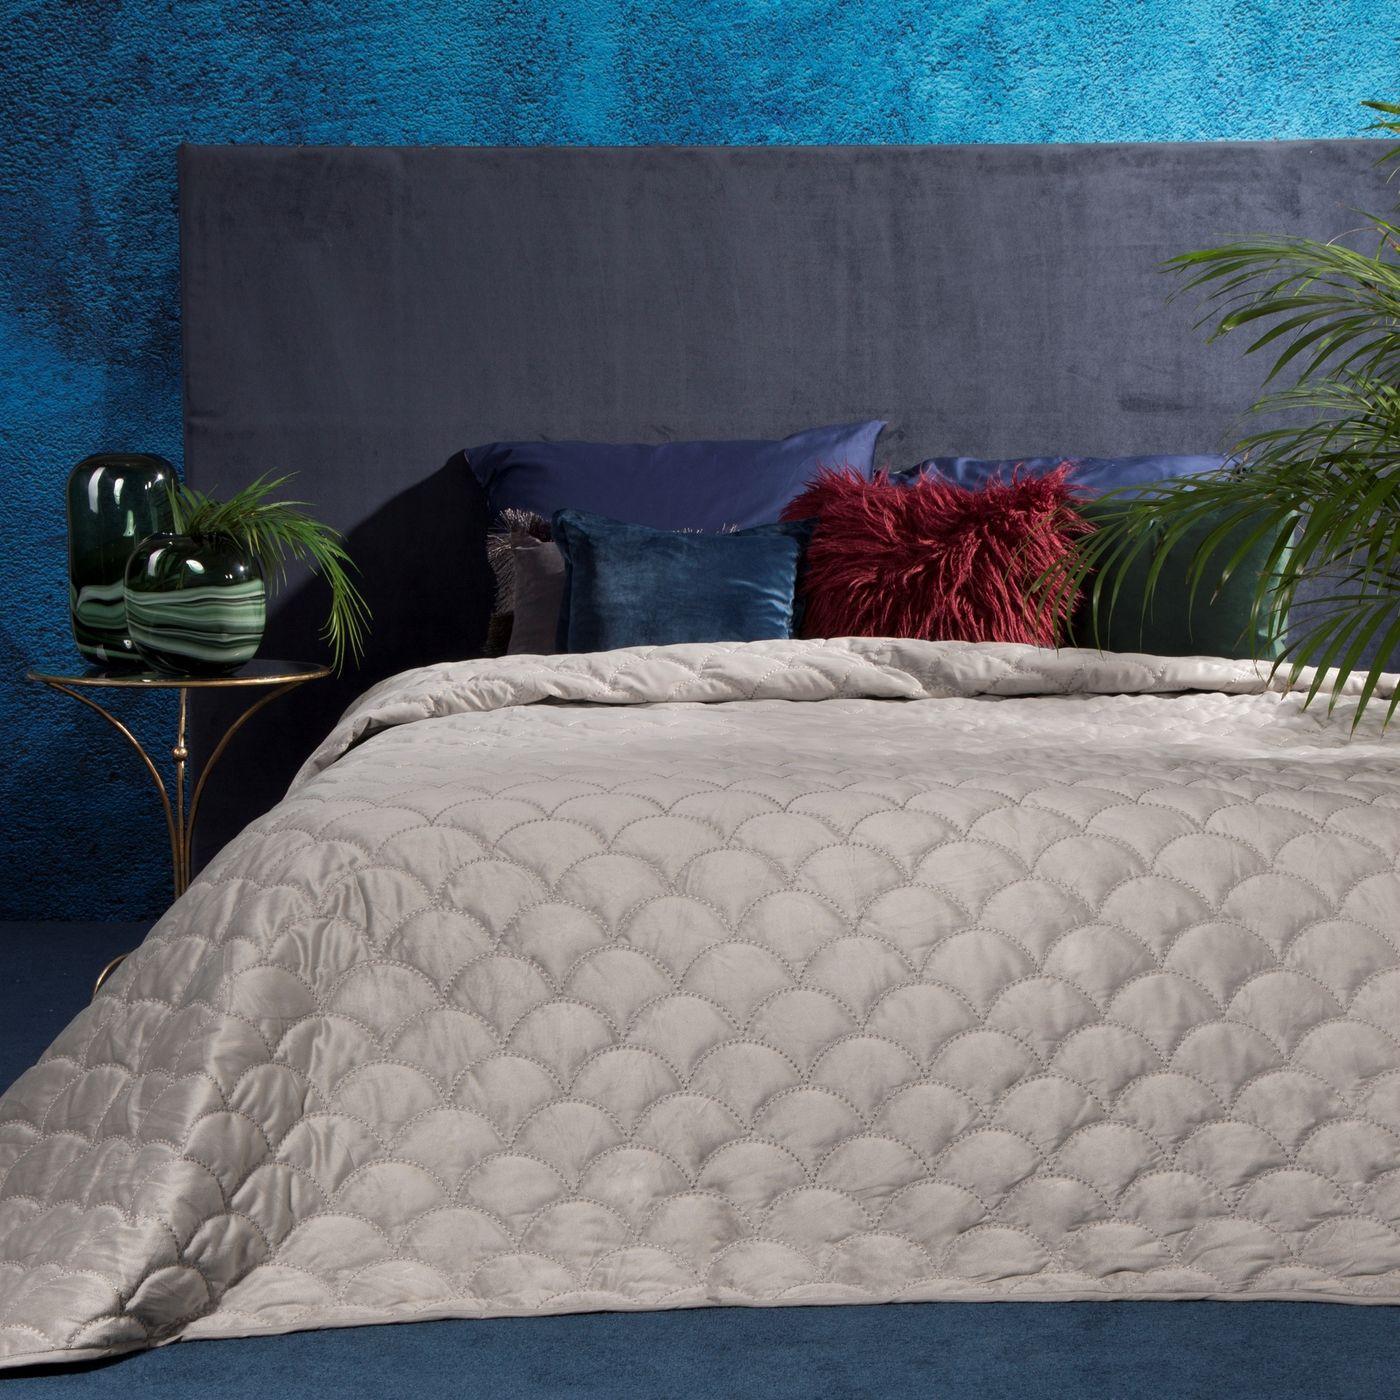 Ekskluzywna narzuta do sypialni pikowana - mój wybór Eva Minge - beżowa 220x240 cm